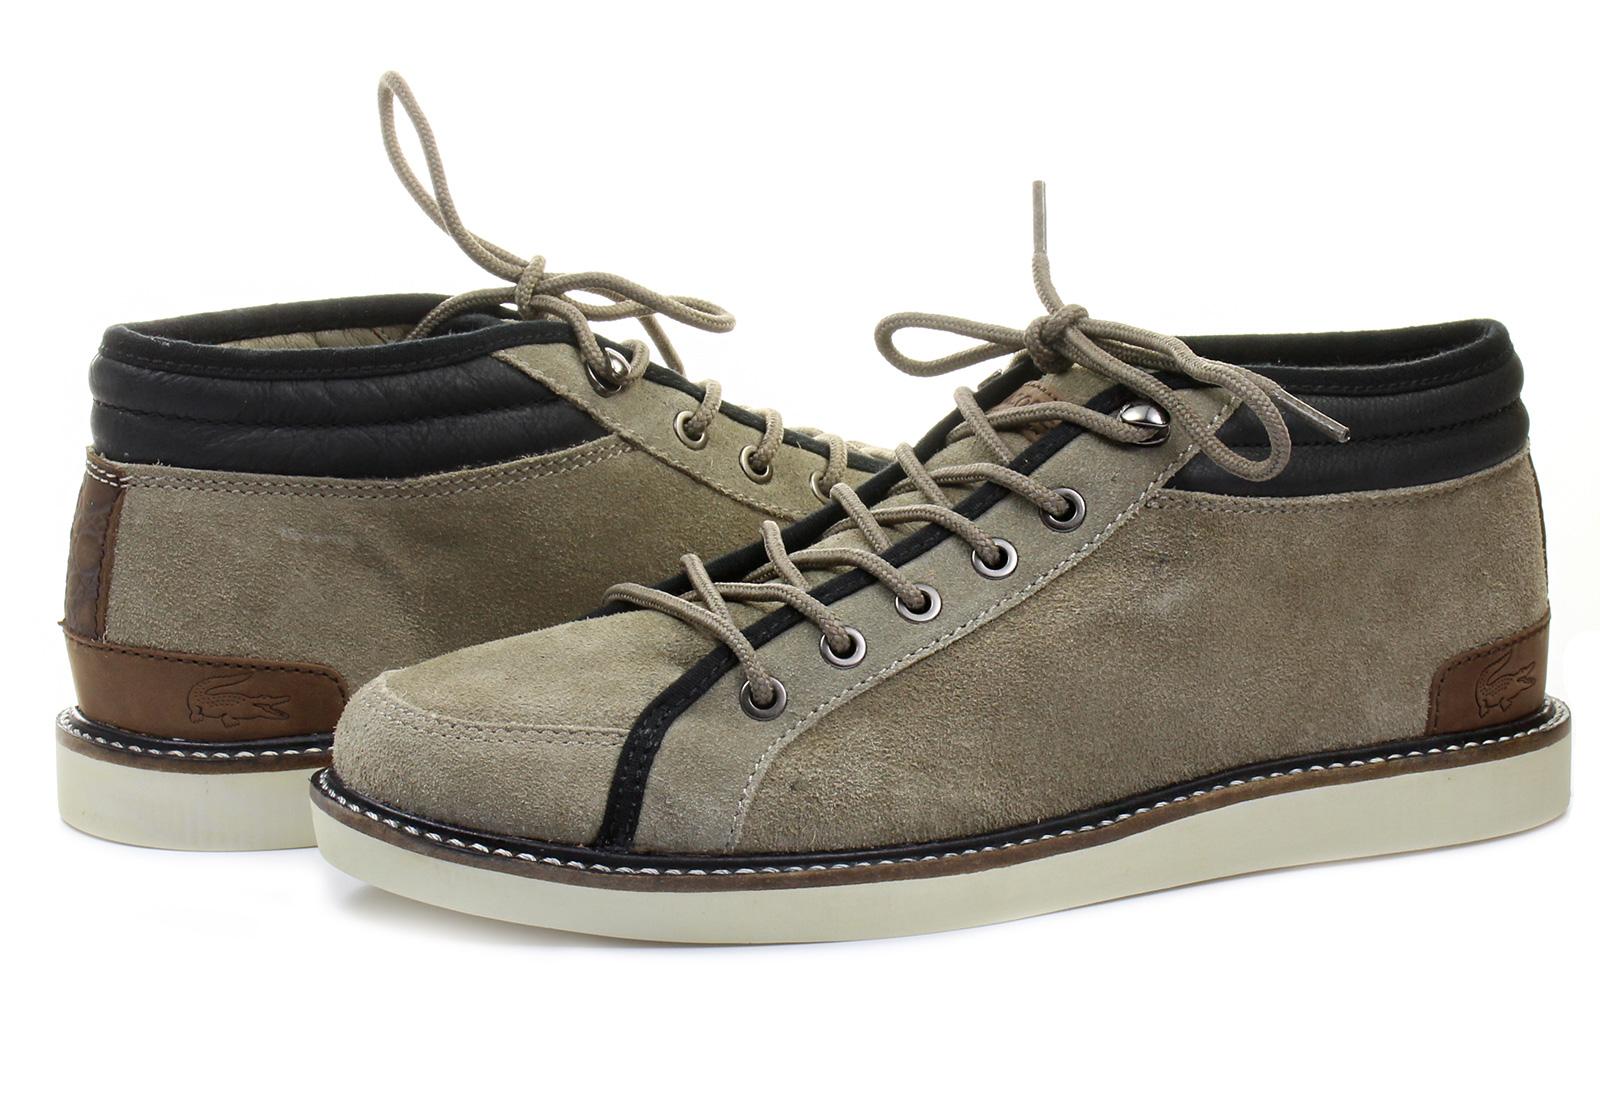 lacoste shoes pryor 133srm3058wa2 online shop for